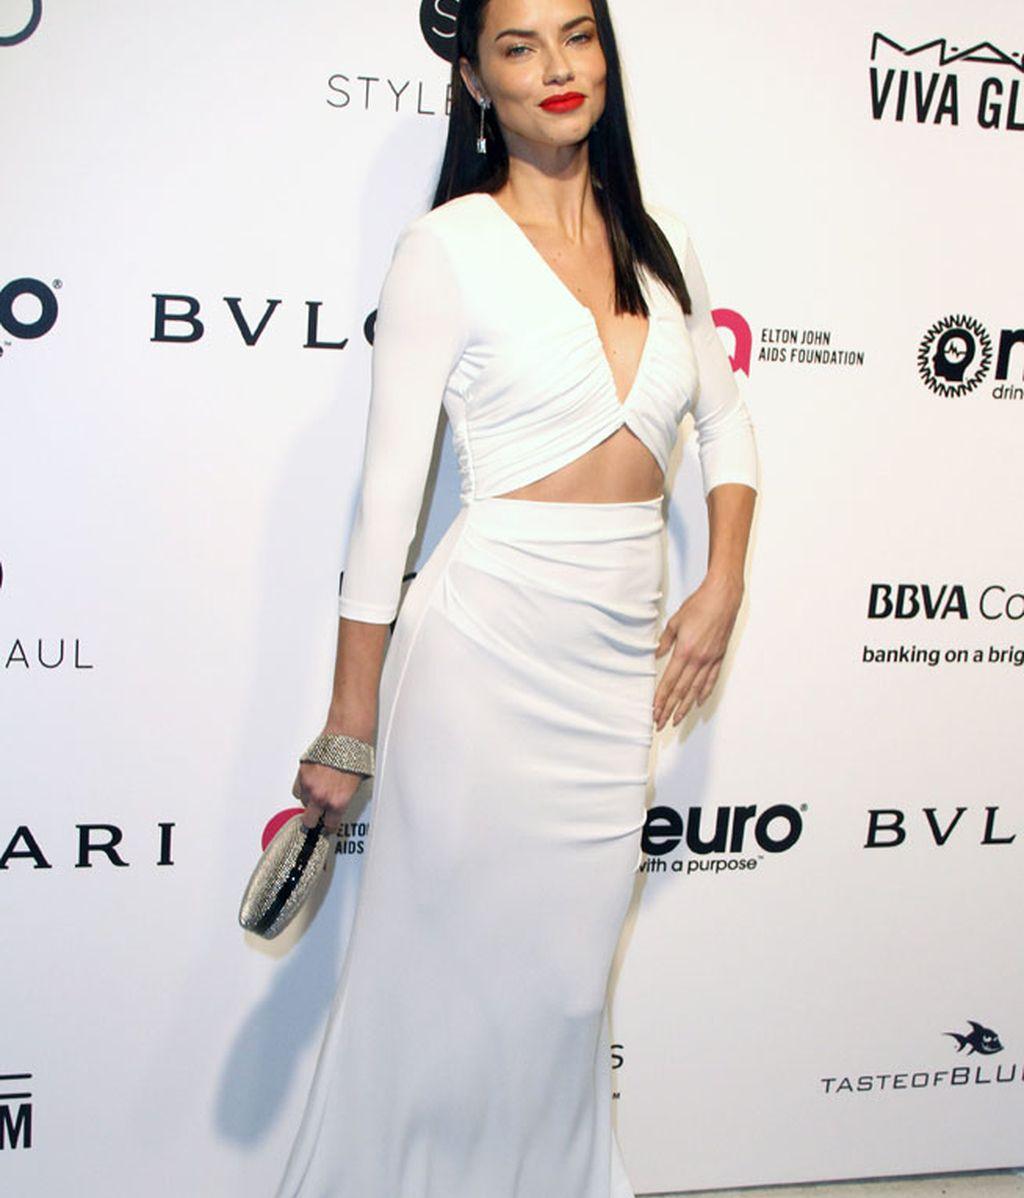 Adriana Lima con un vestido blanco con aberturas y complementos en plata